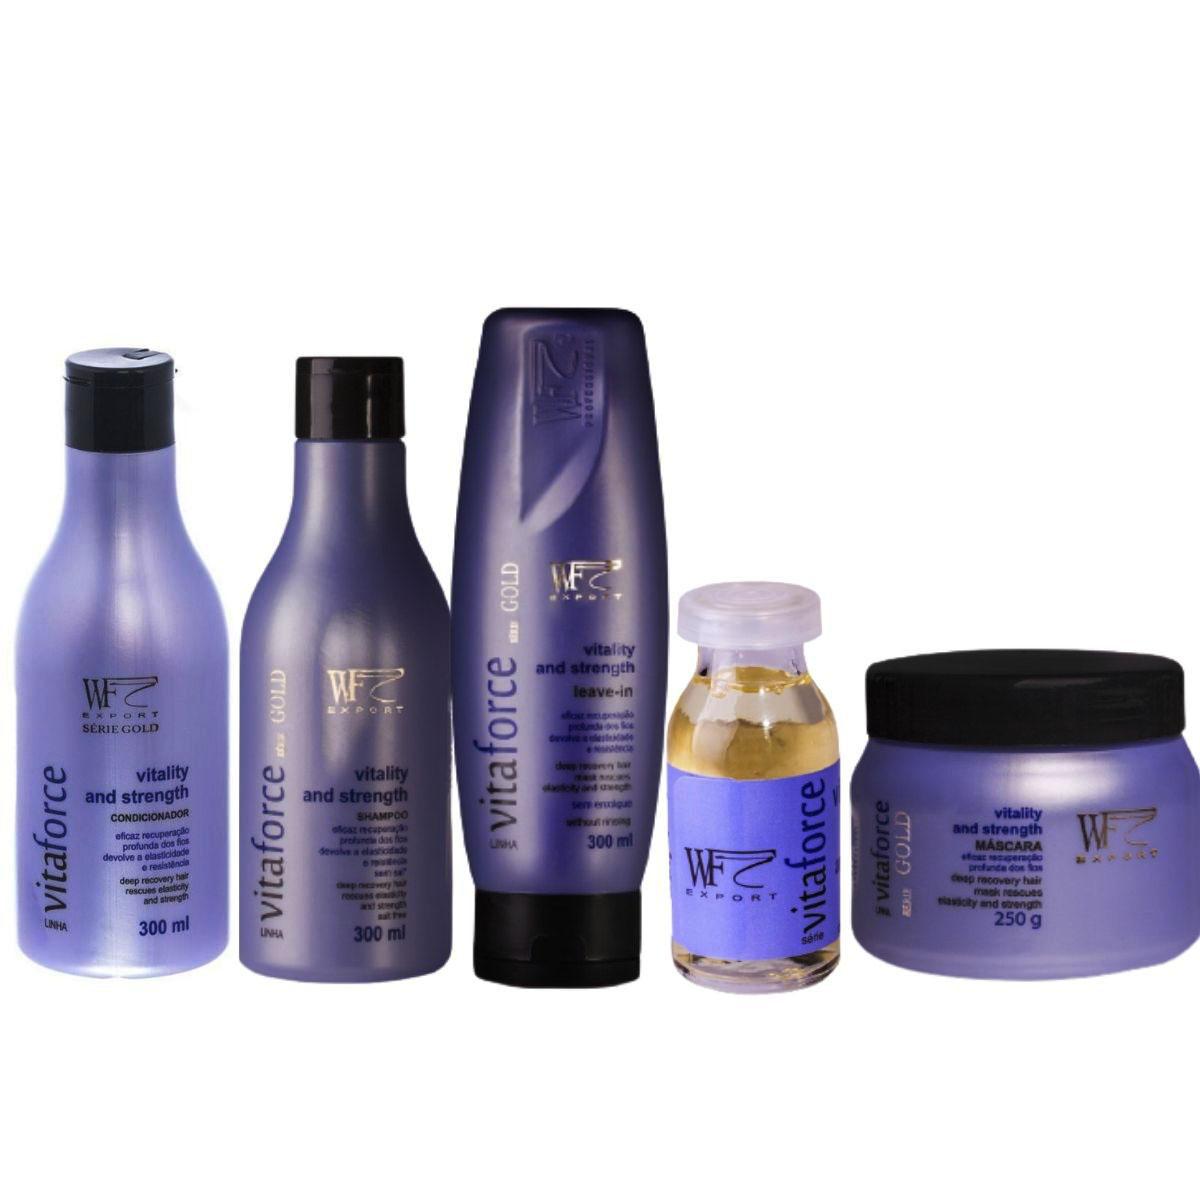 Kit Wf Cosméticos Vitaforce Home Care (5 Produtos)